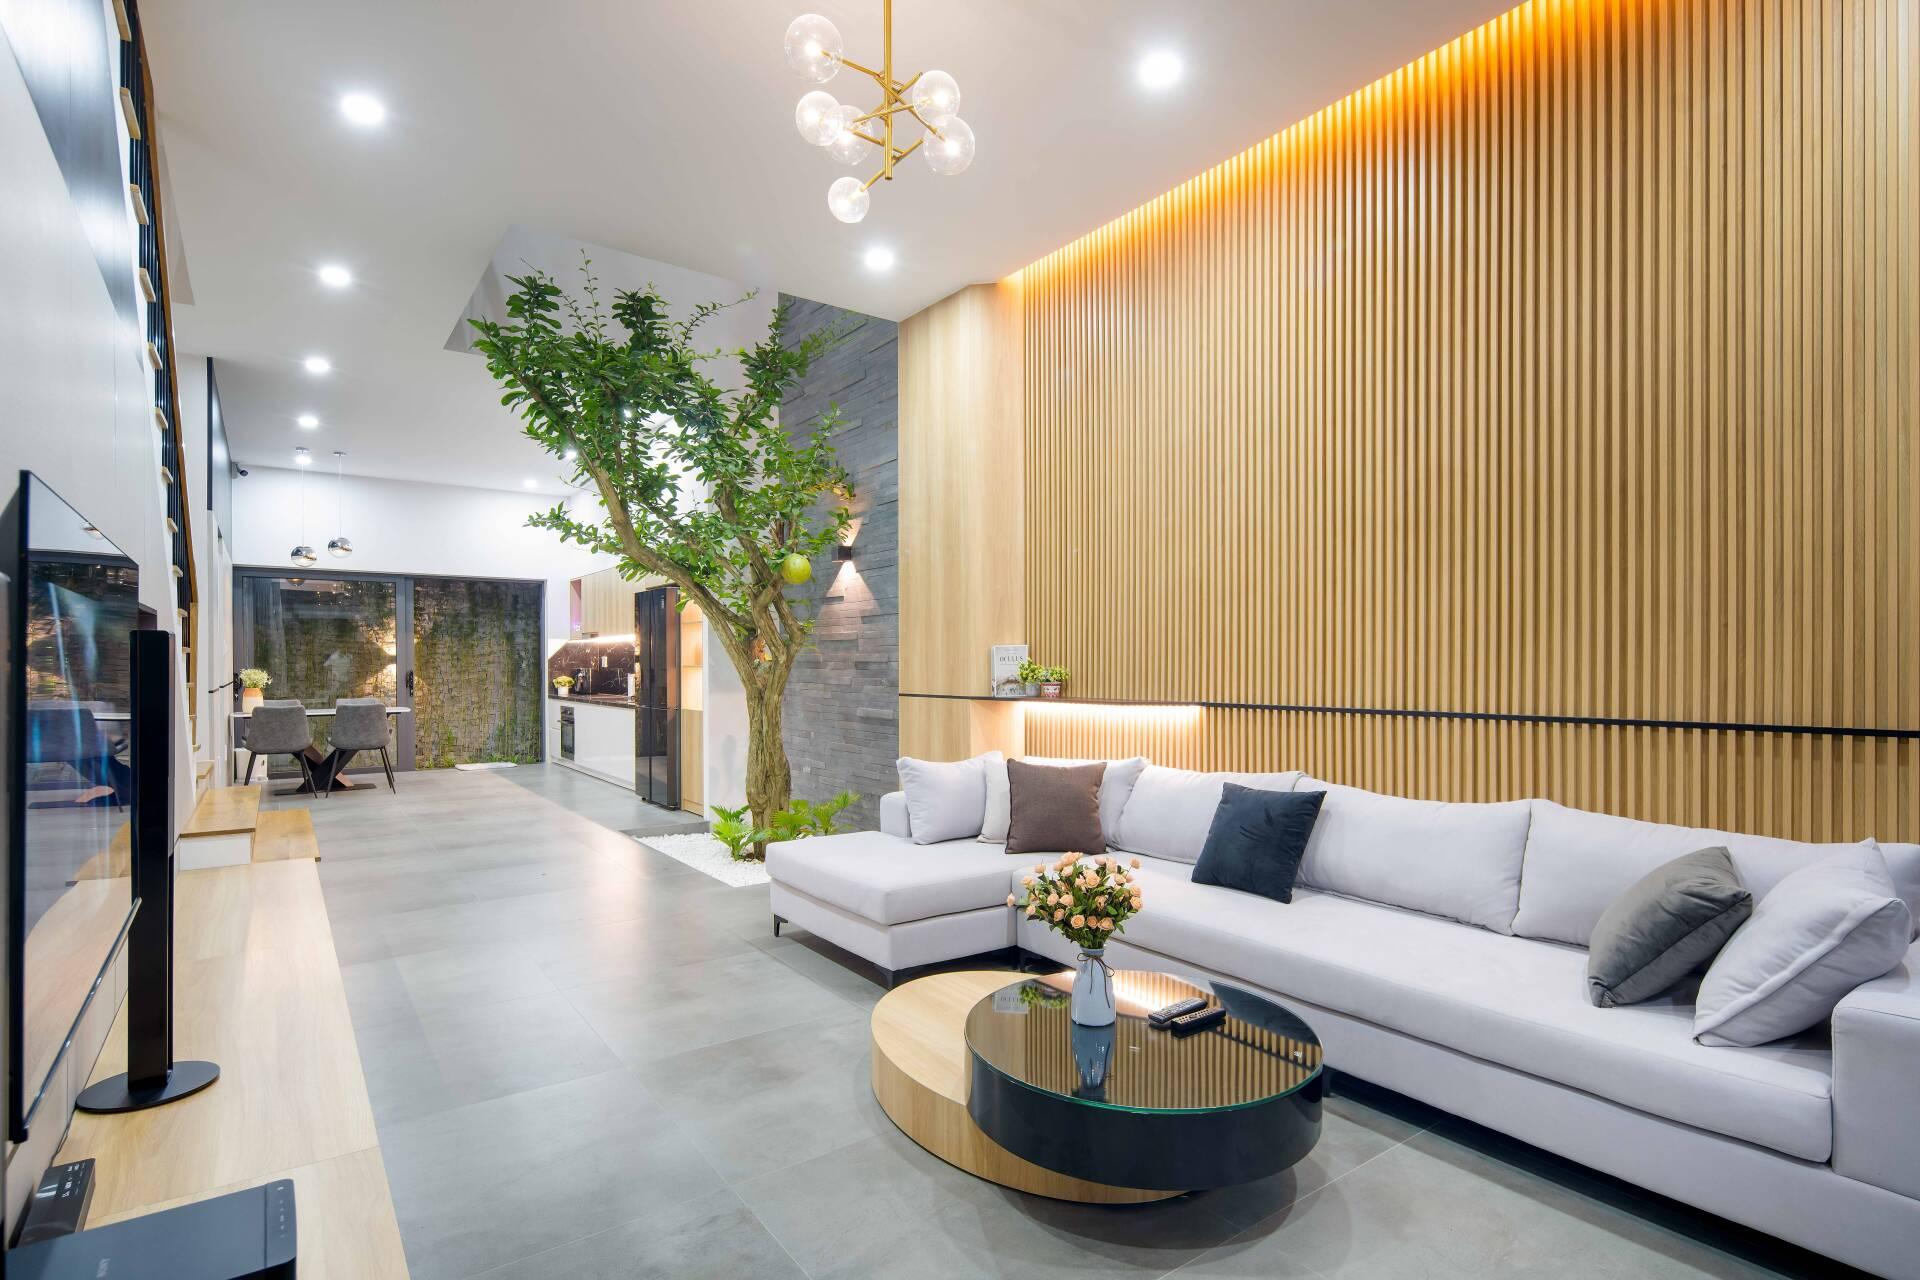 Sofa phòng khách mang gam màu xám sáng màu, phối cùng bàn trà hình tròn